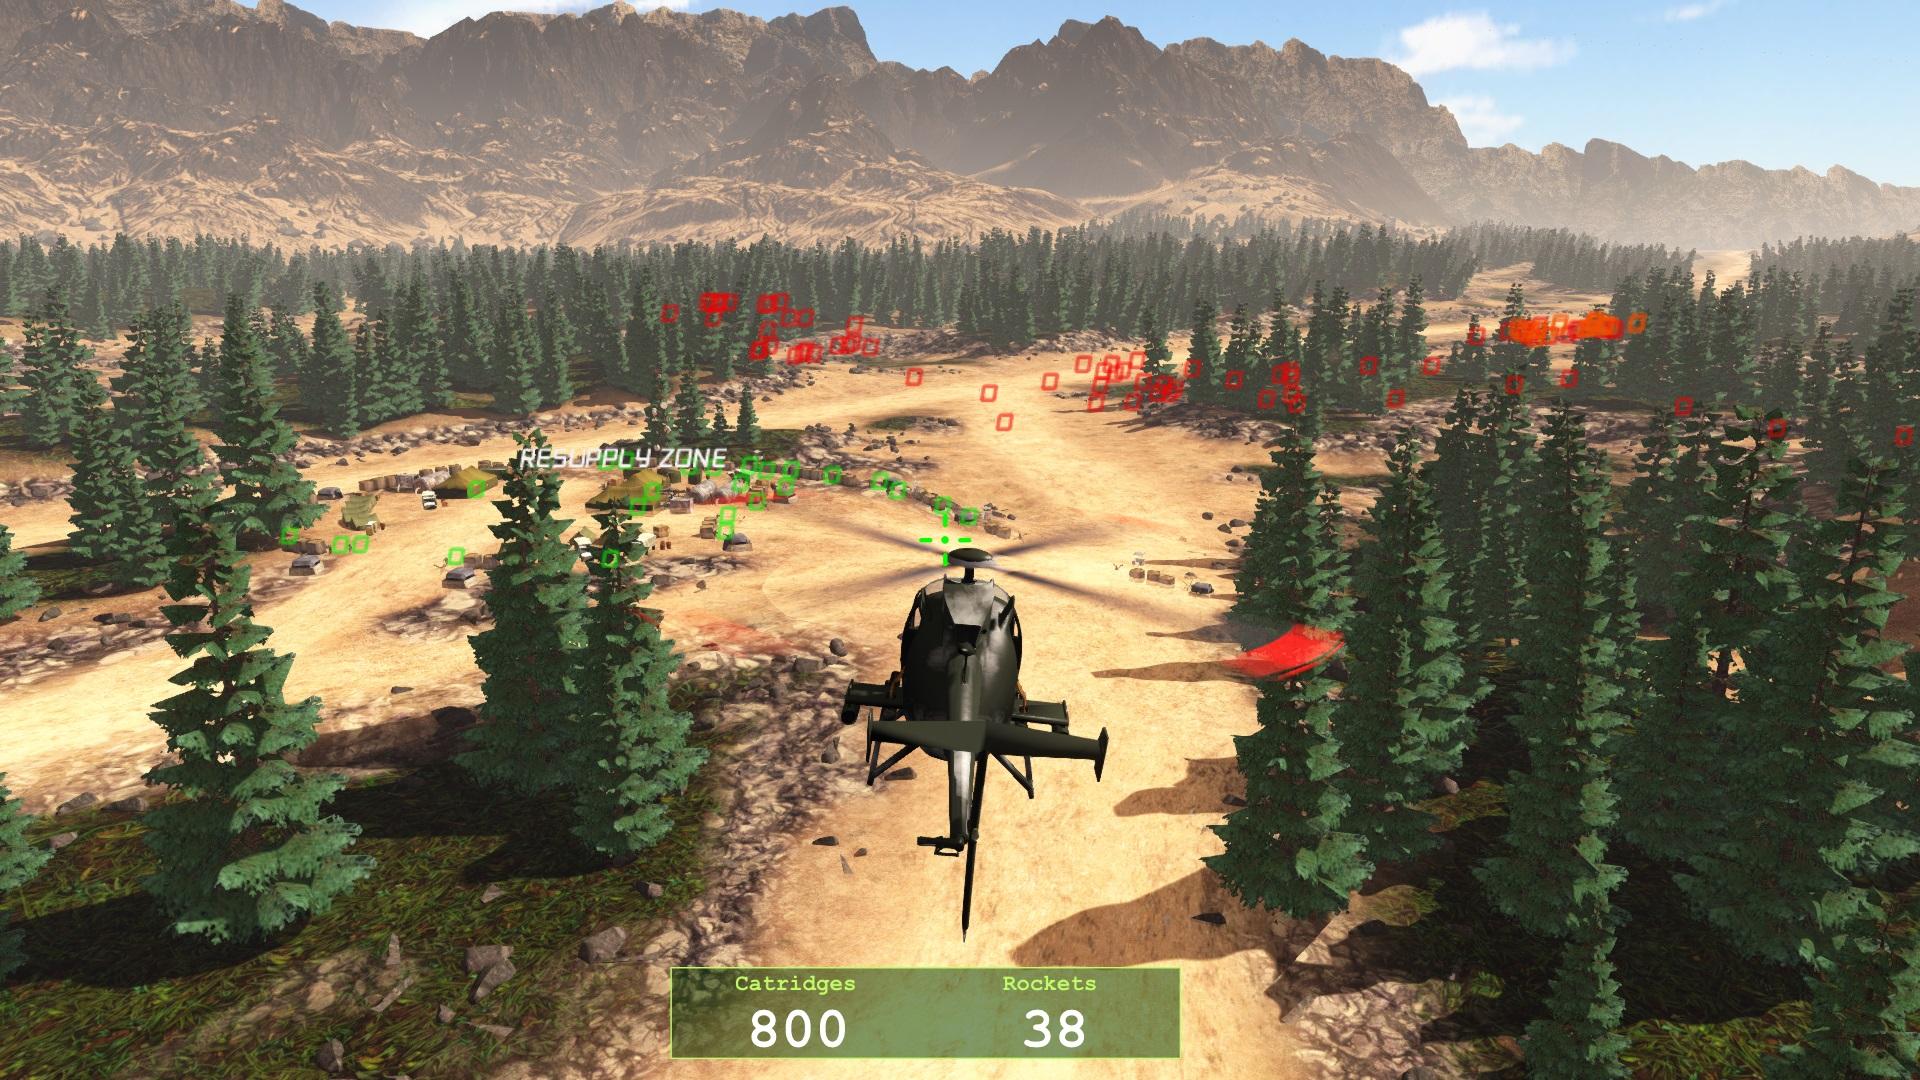 download aerial destruction frontline assault-hi2u cracked full version singlelink iso rar englsih language free for pc